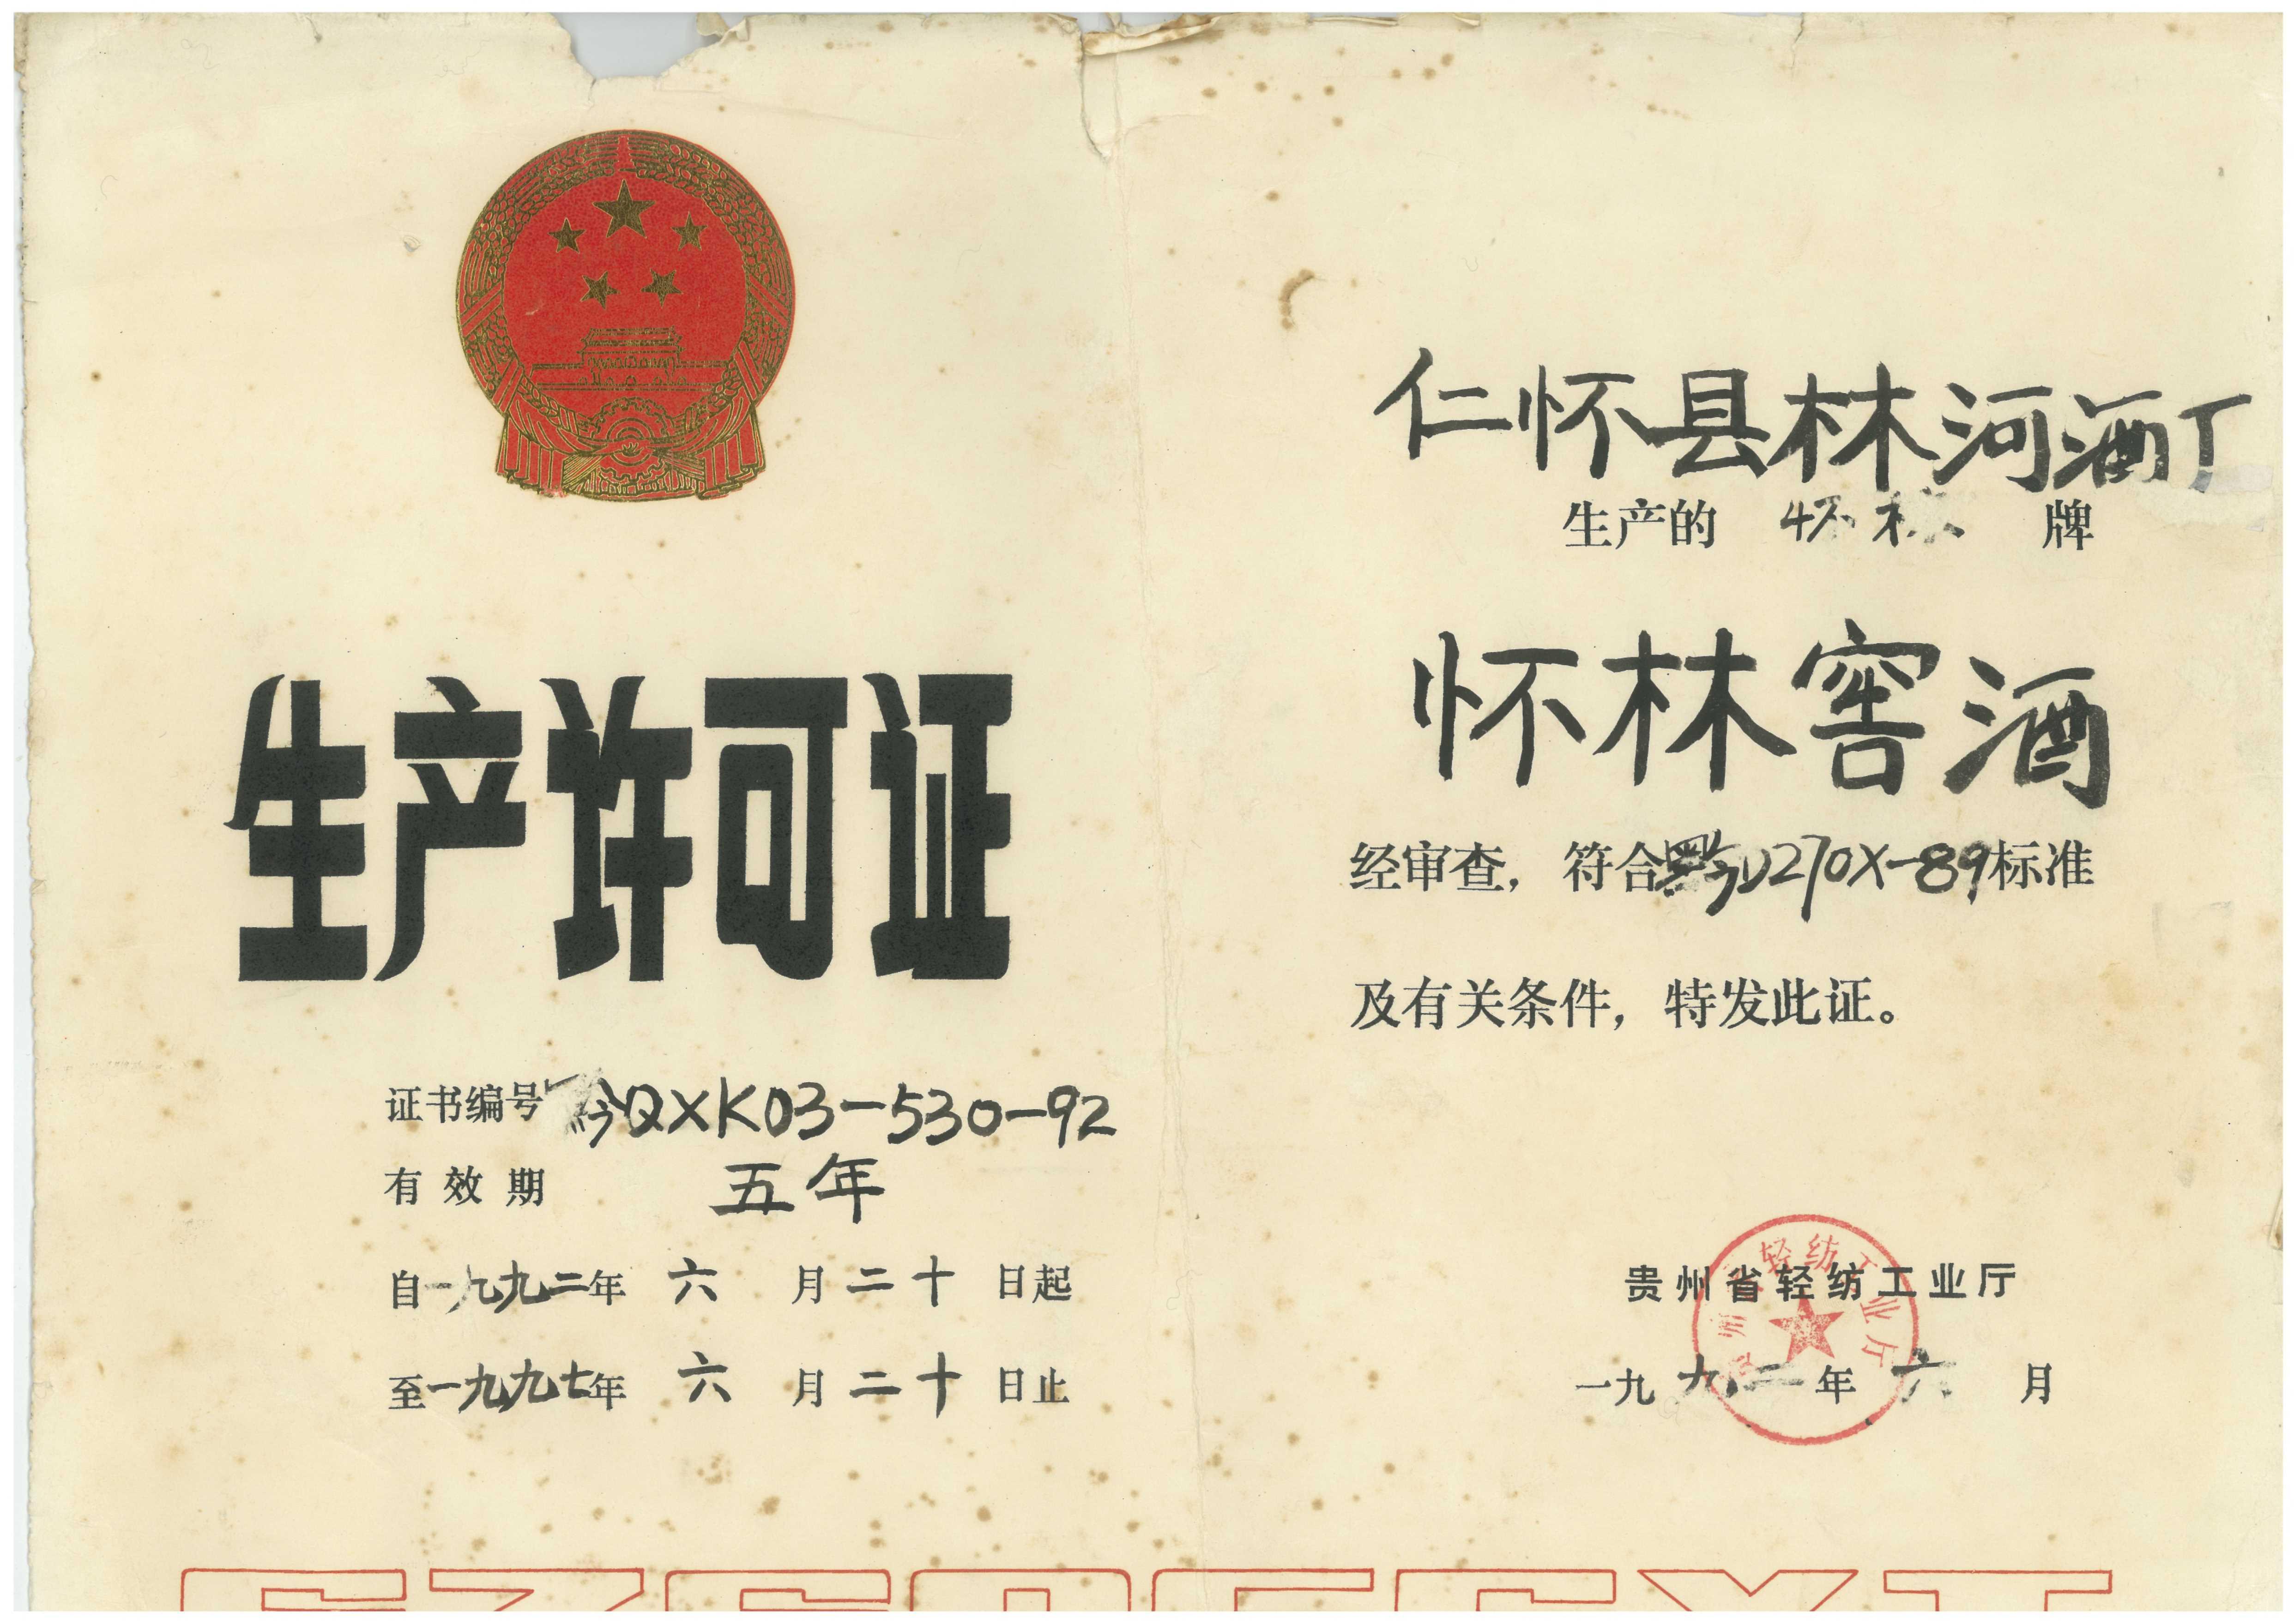 1992年生產許可證